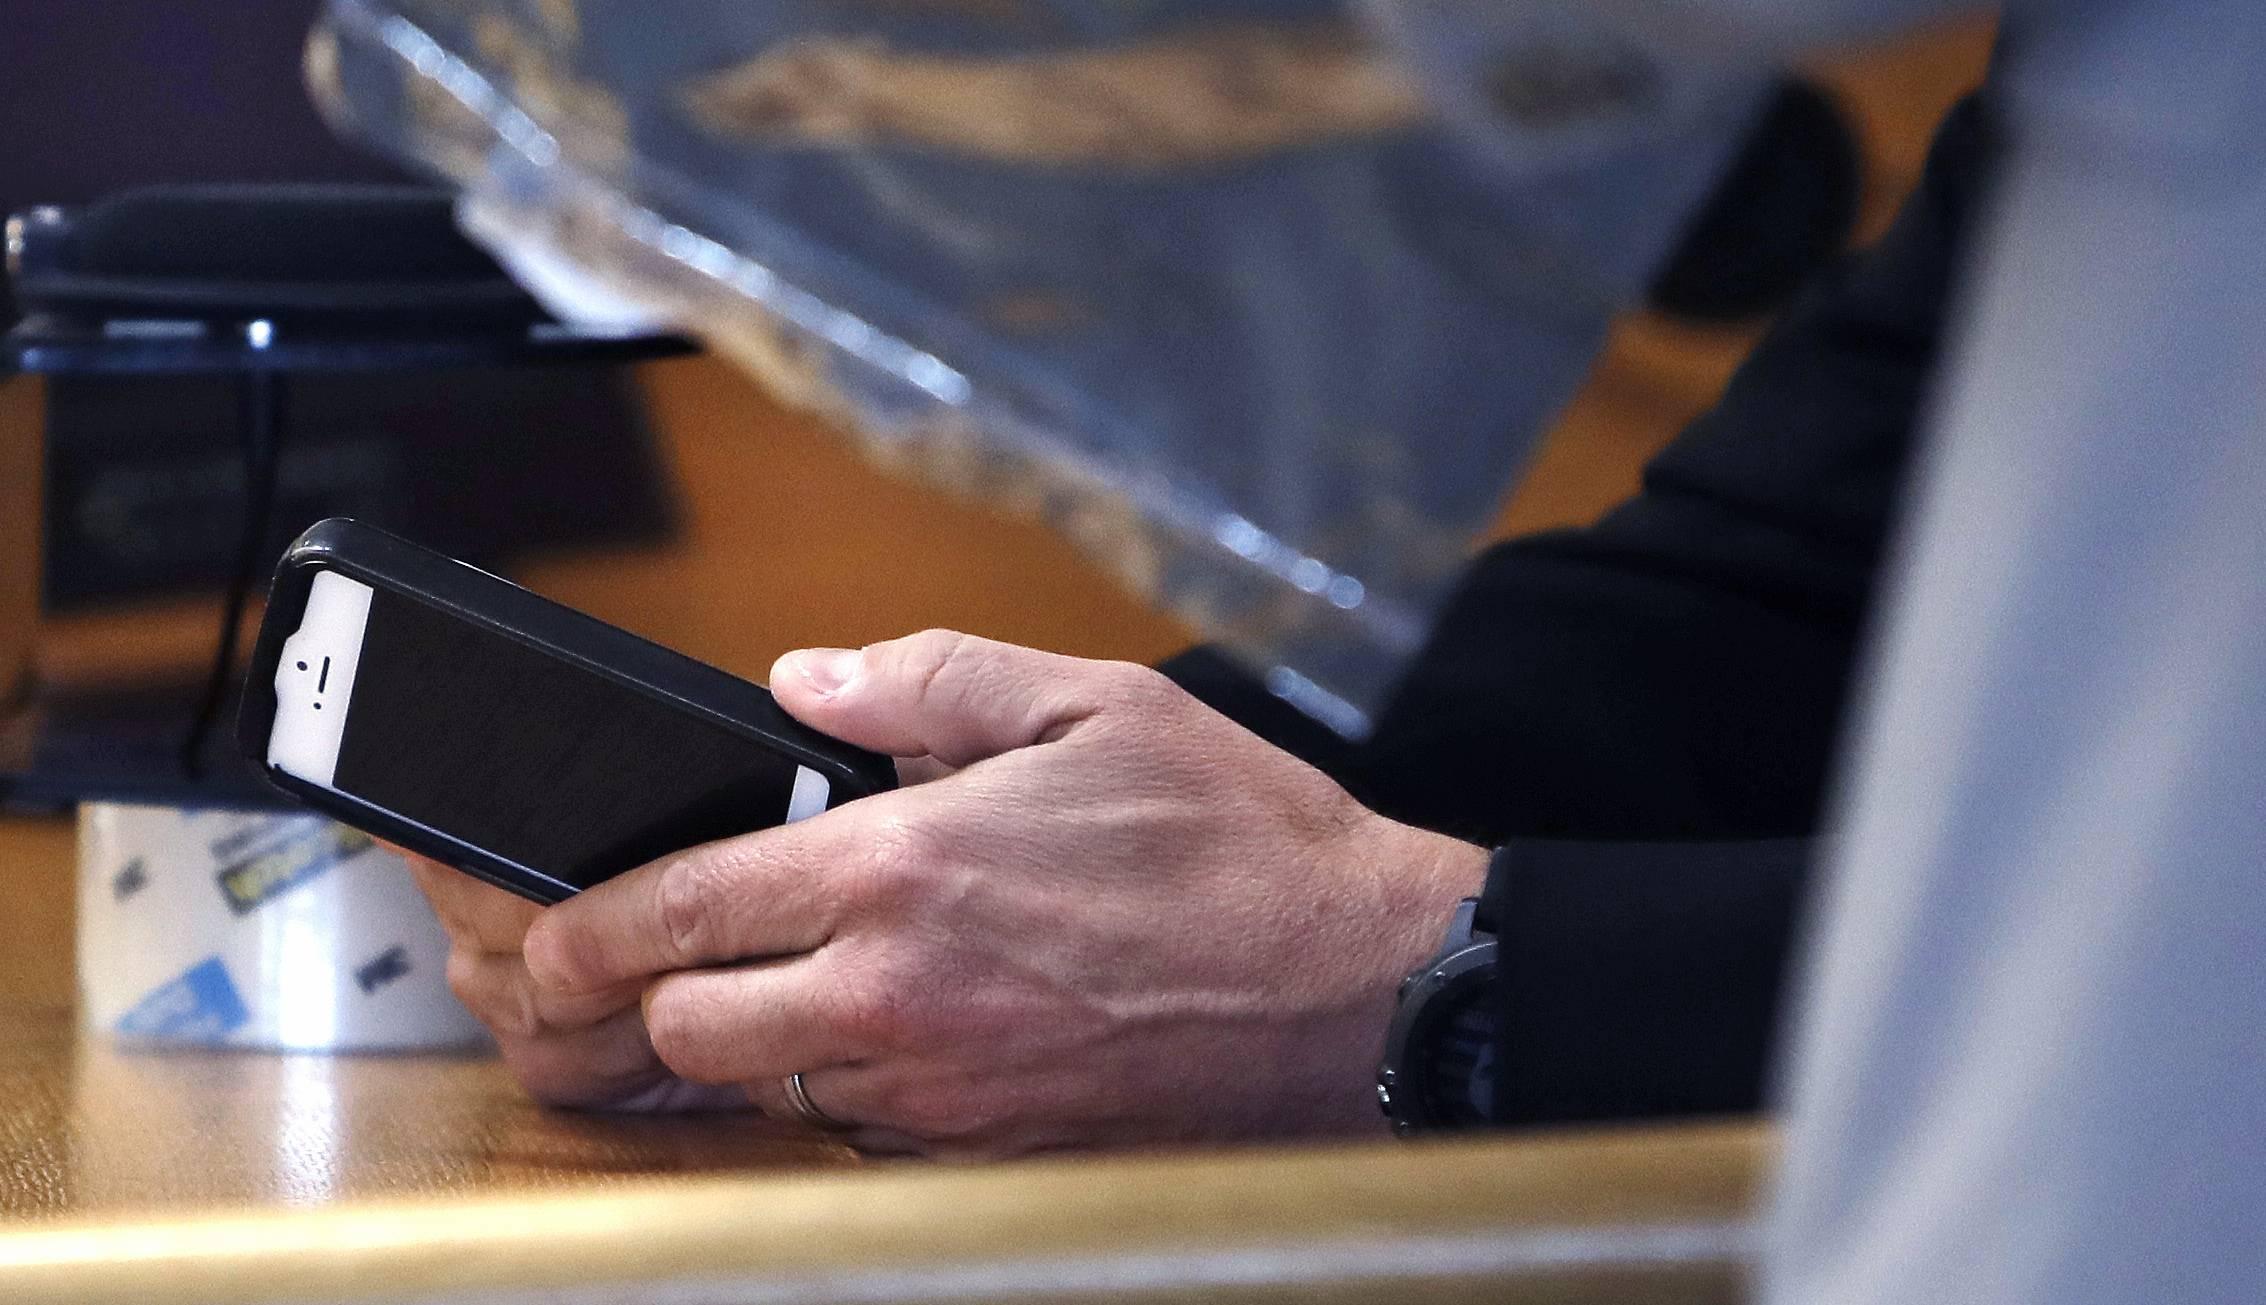 Los mensajes se compartieron a través de teléfonos celulares. Aquí el dispositivo que le pertenecía al novio Foto: AP